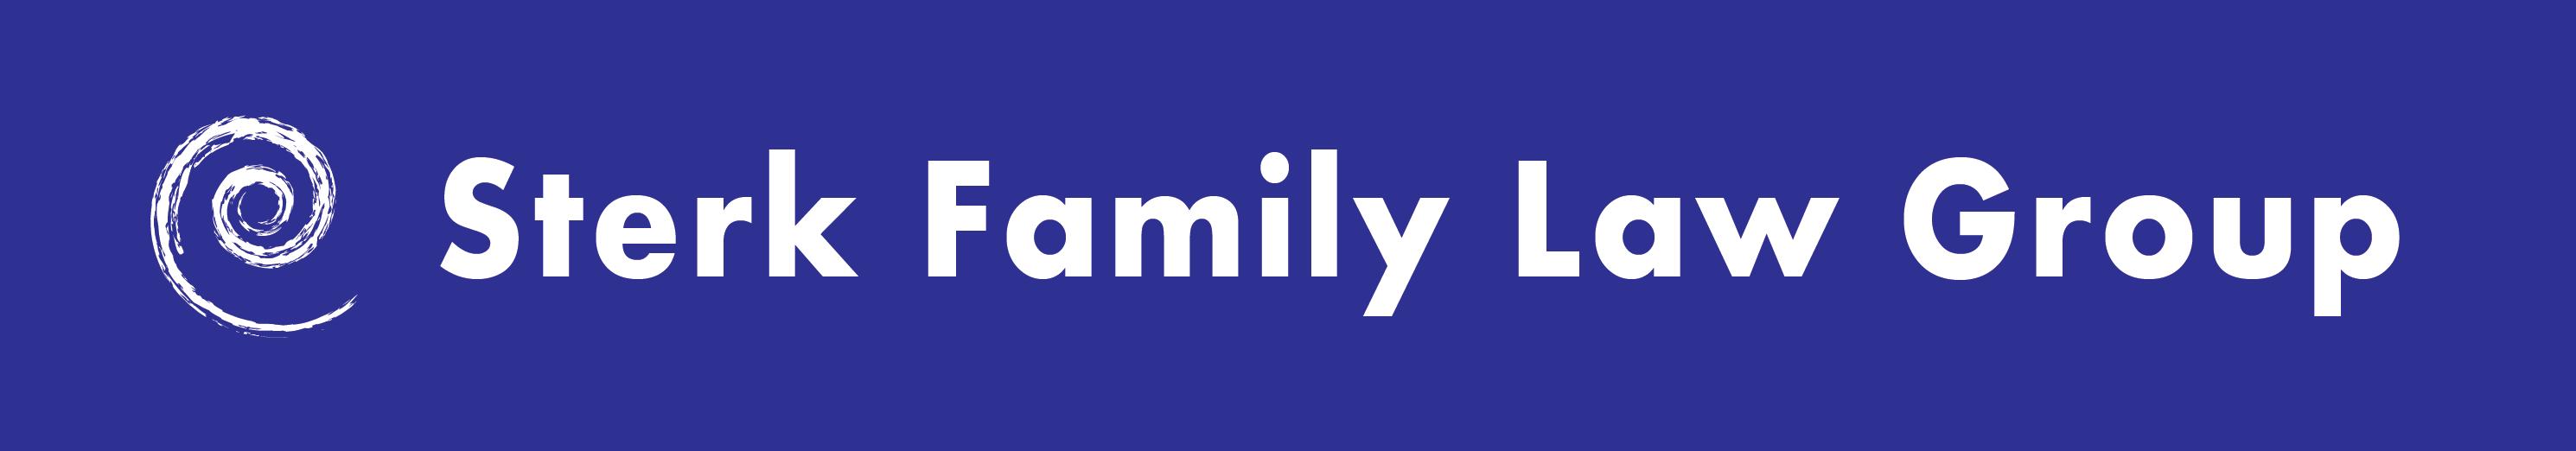 Sterk Family Law